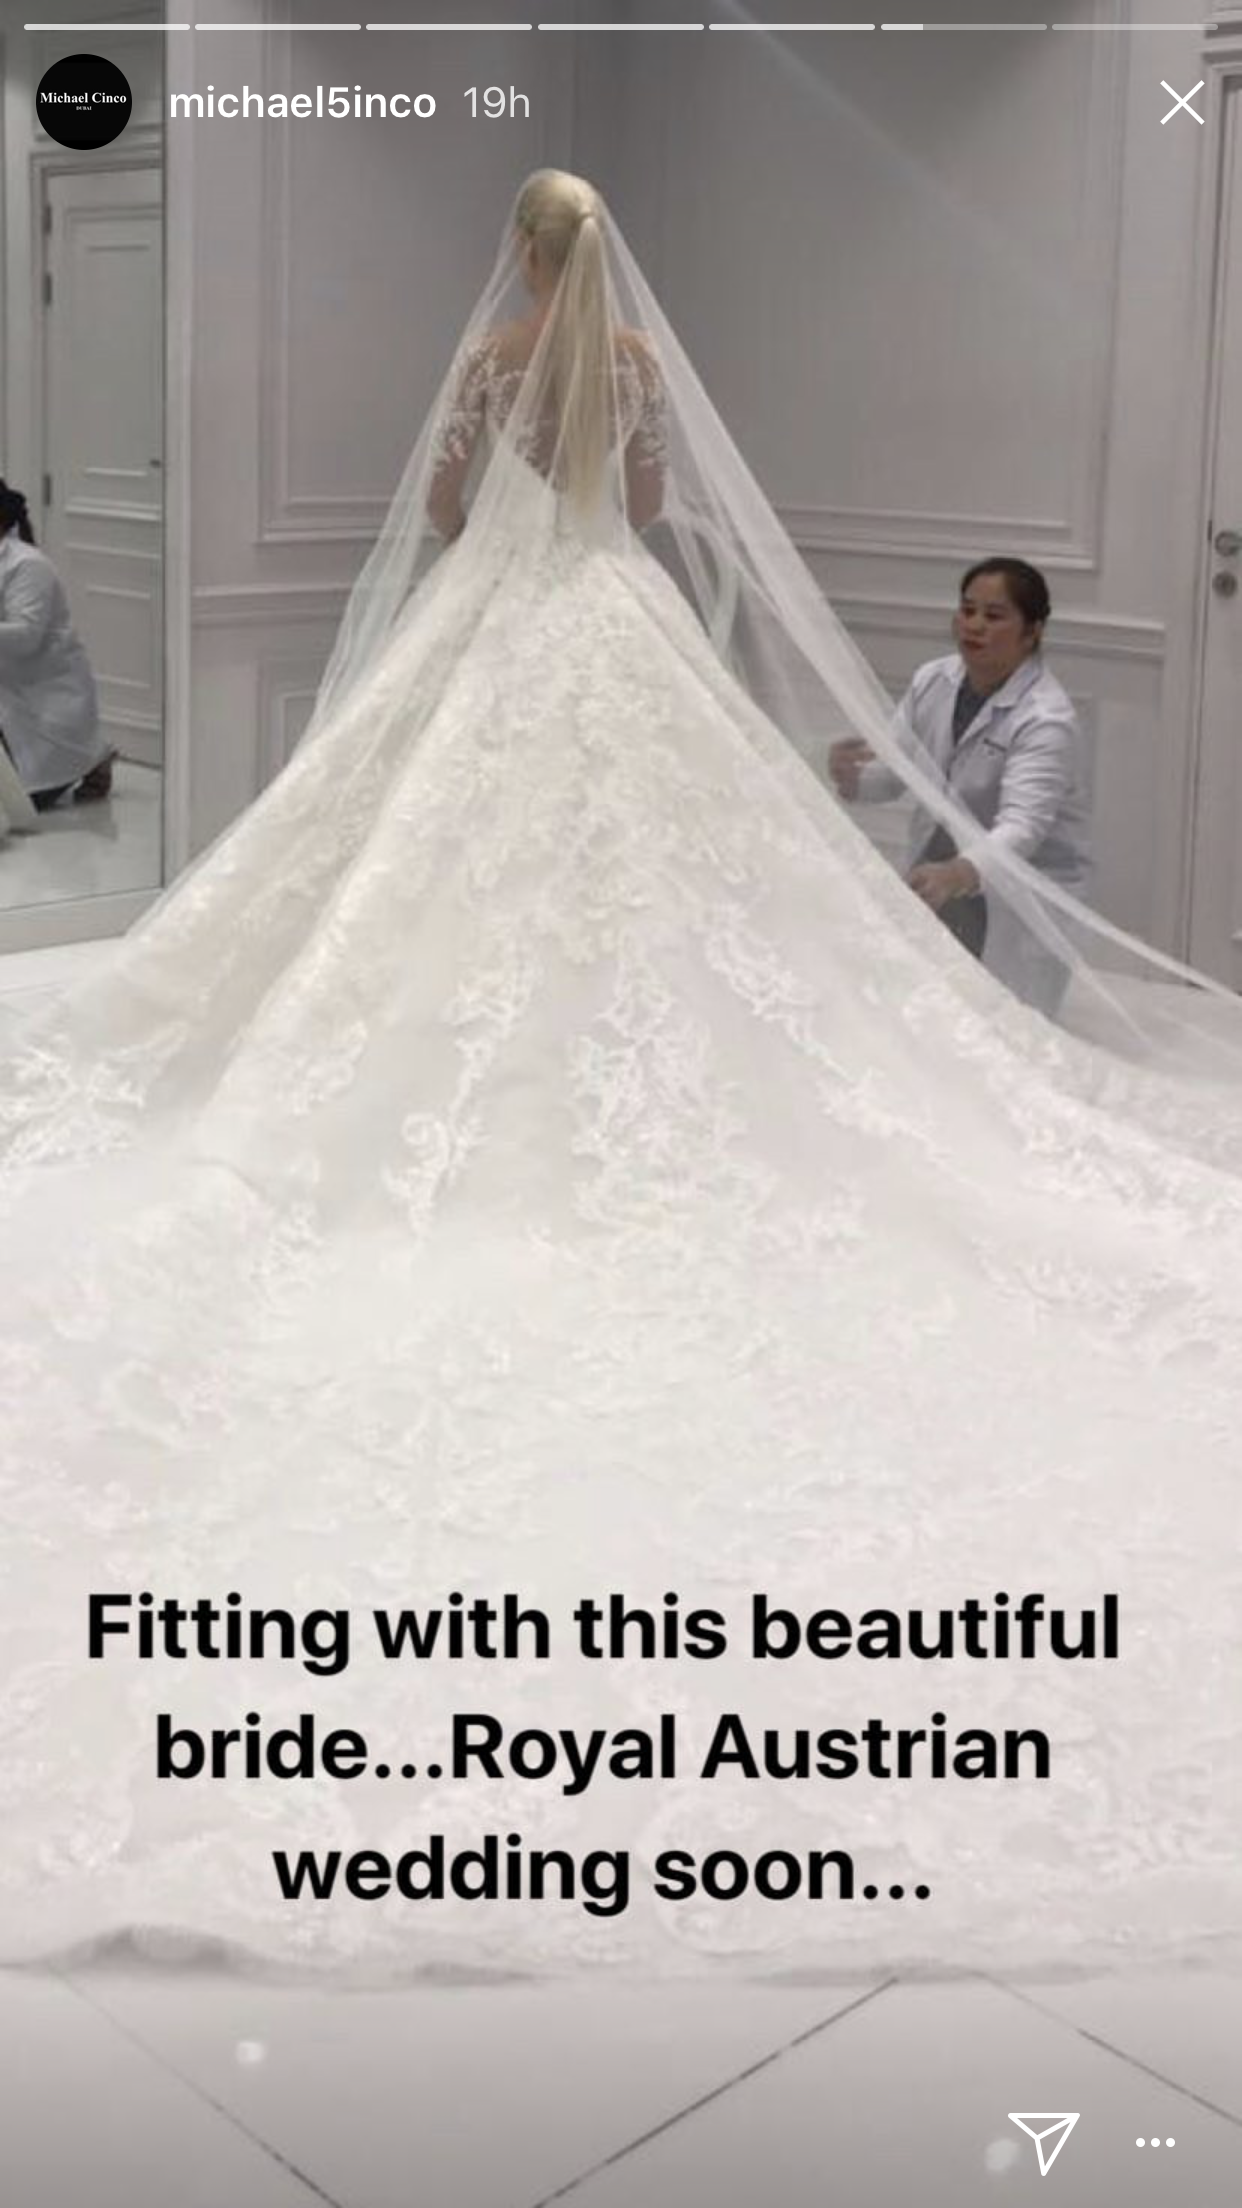 Das Brautkleid der Adligen ist ein wahr gewordener Mädchentraum.   Foto:instagram.com/michael5inco/